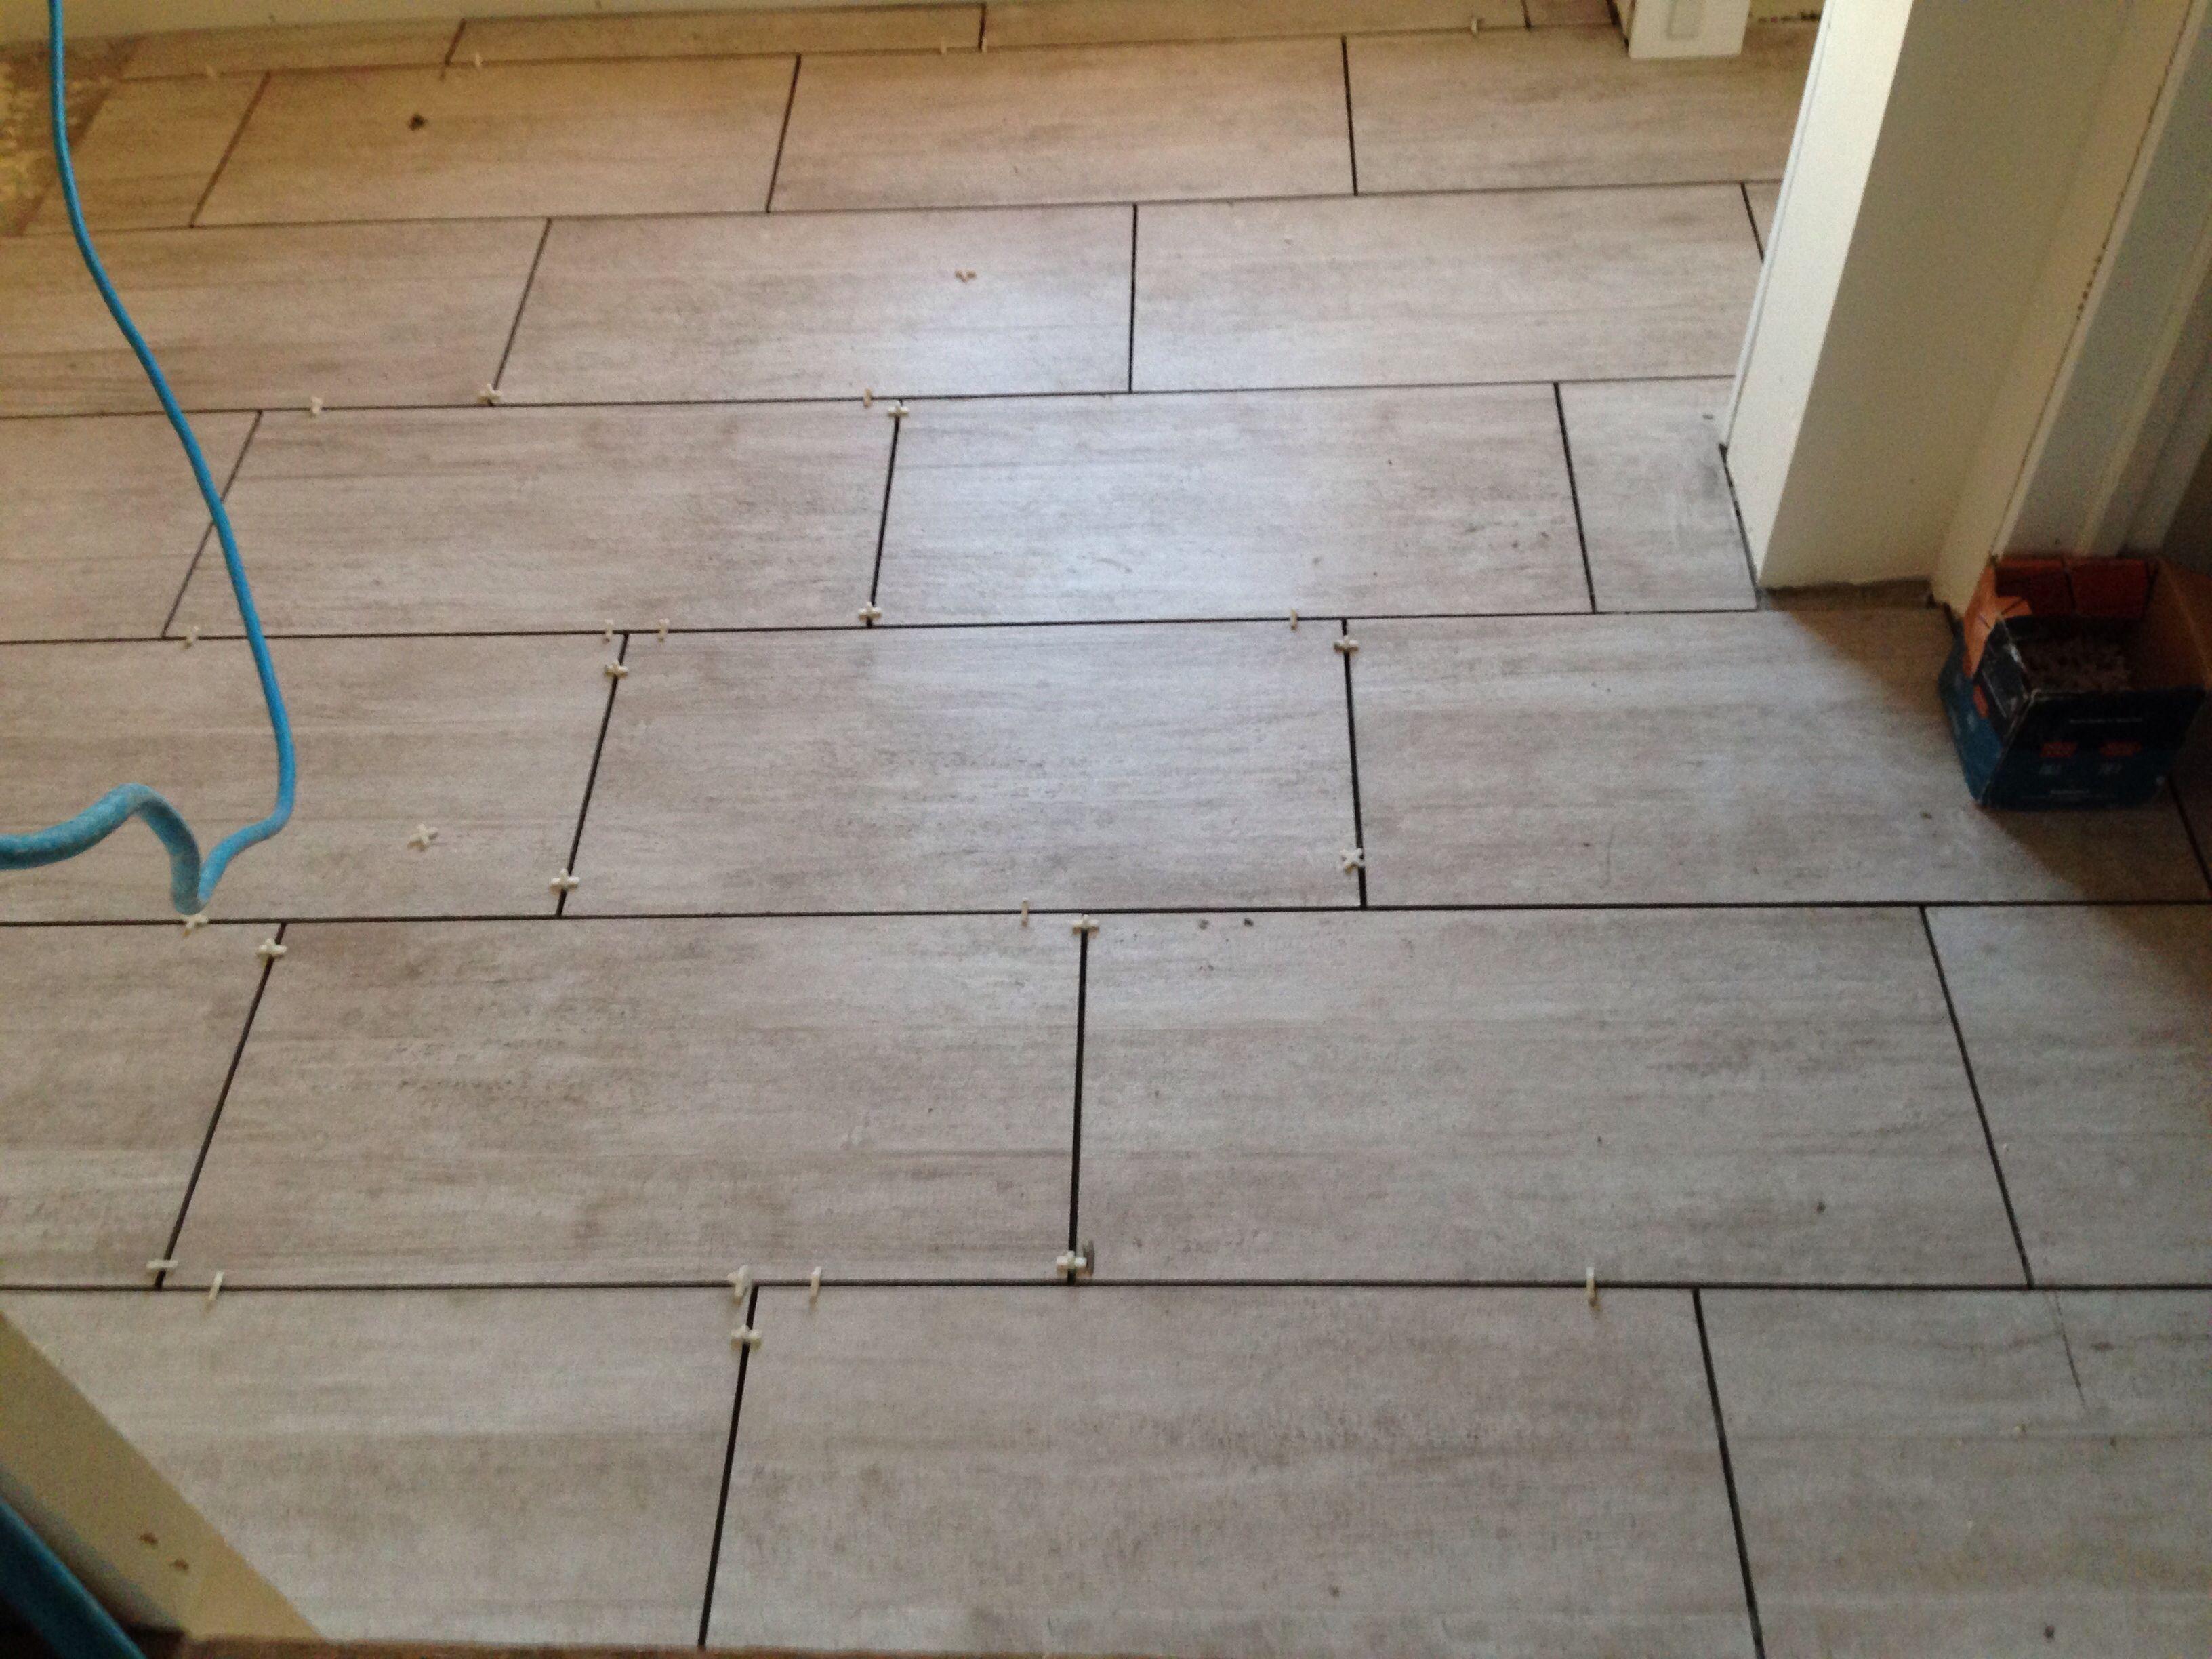 12x24 Master Bath Tile Tile Patterns 12x24 Tile Patterns Shower Tile Patterns